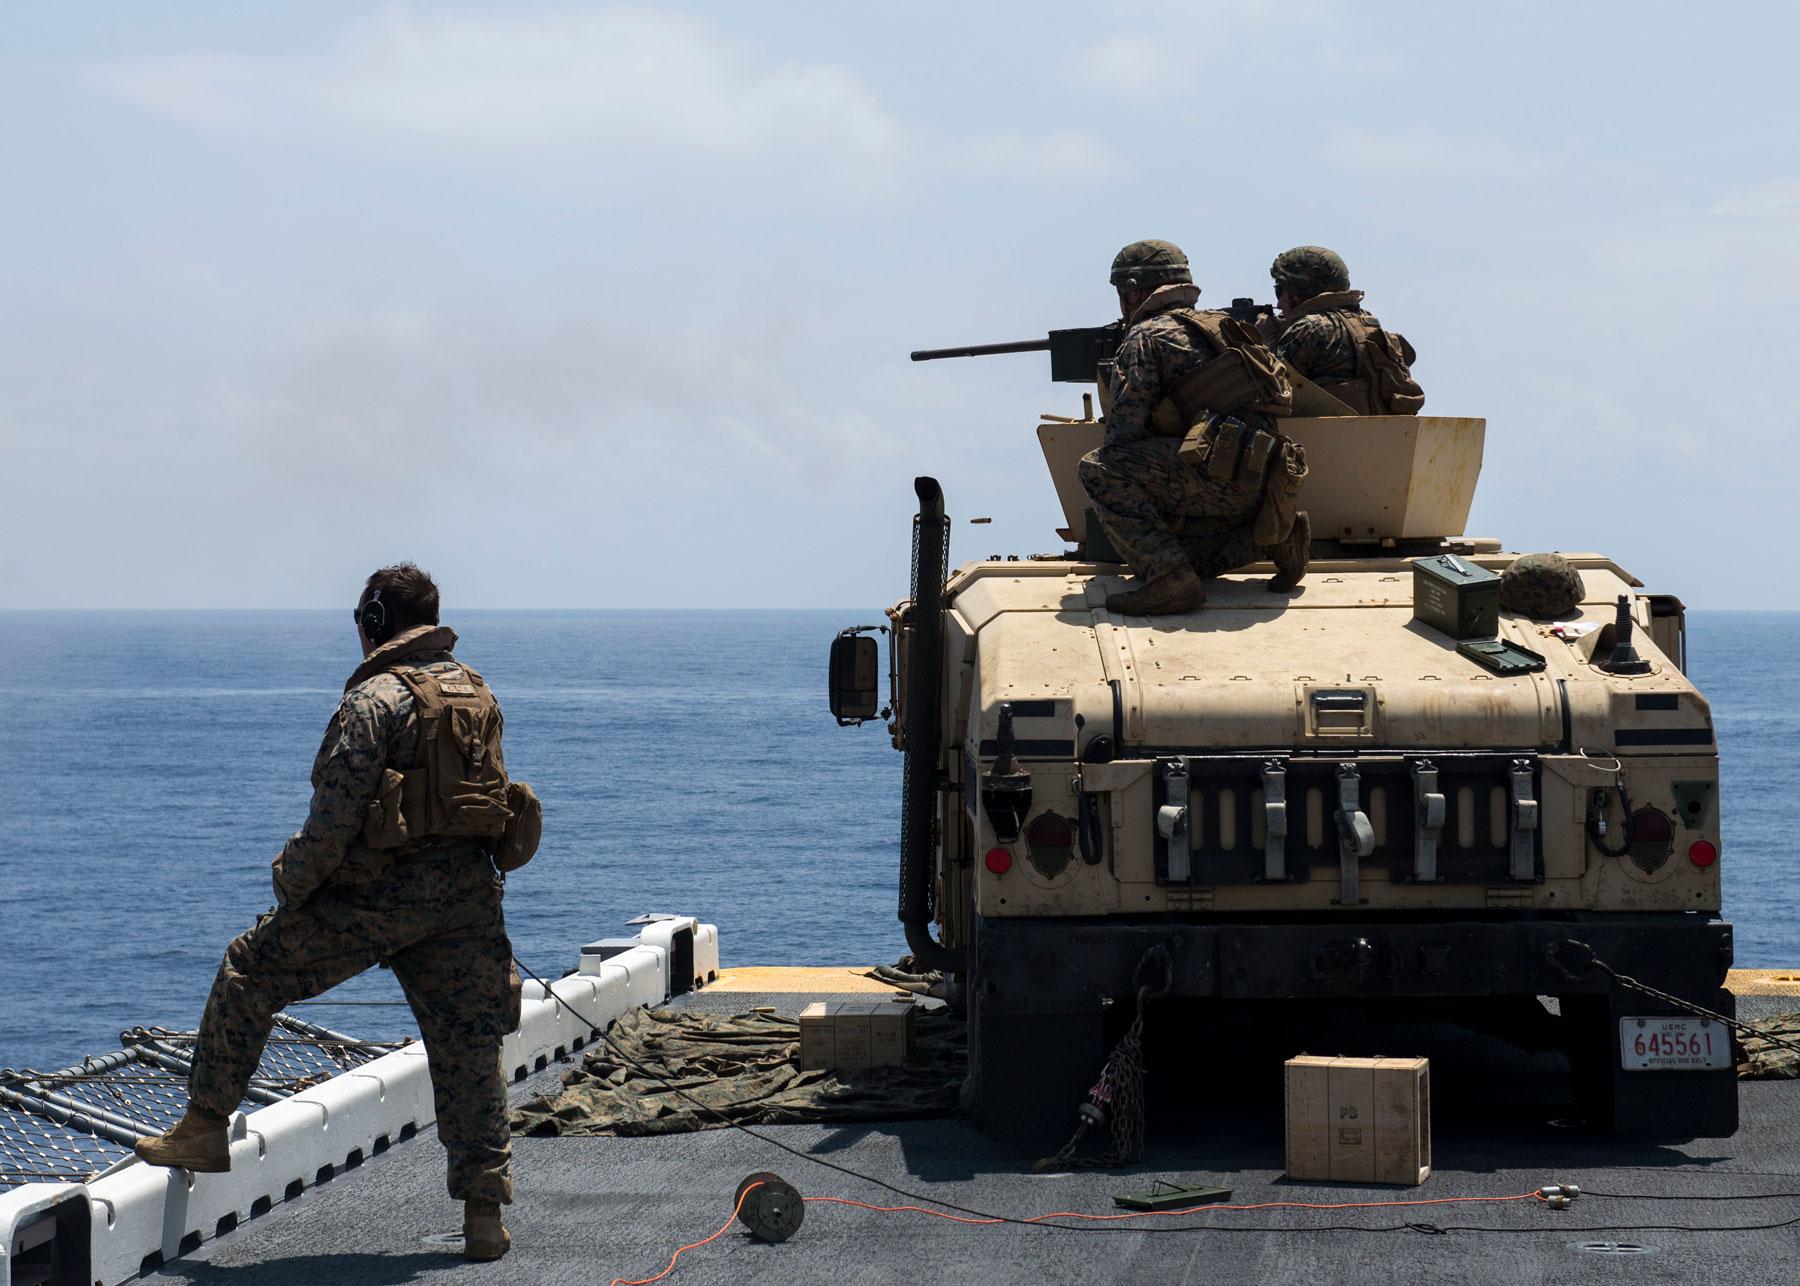 Marines Humvee